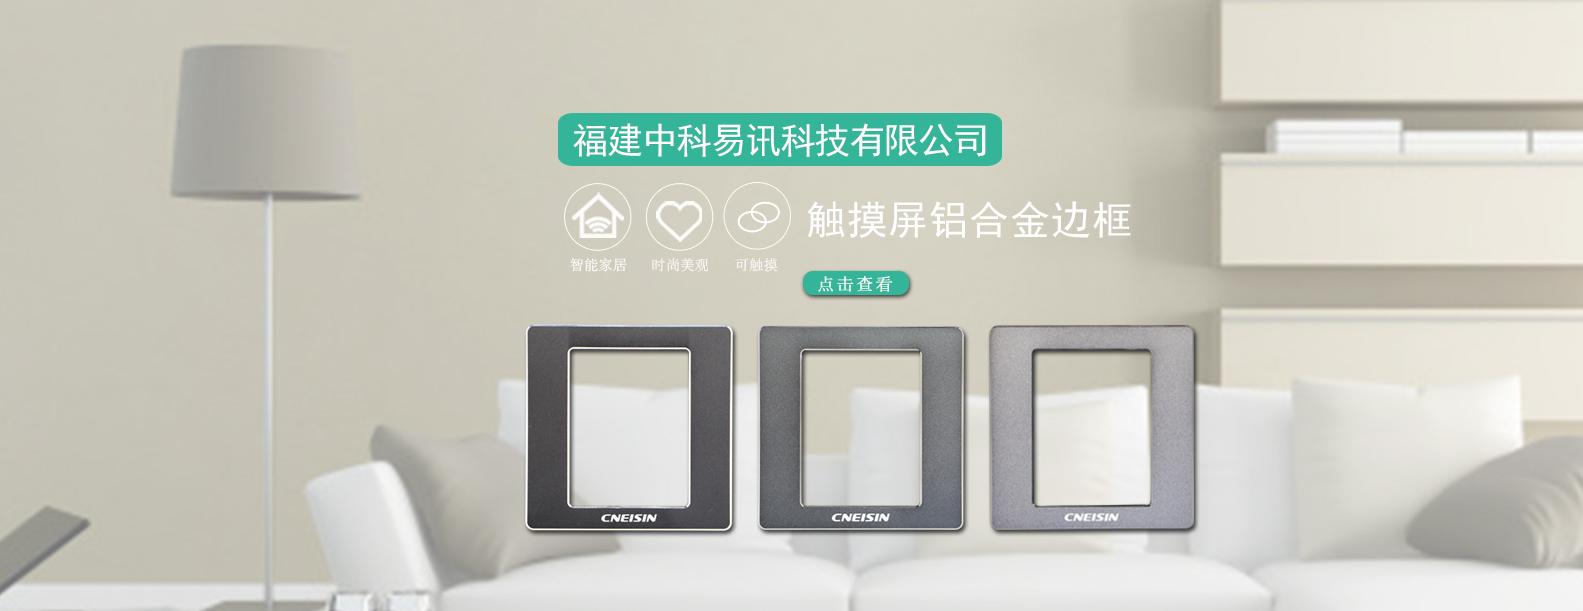 商业照明控制系统的功能特点你了解吗